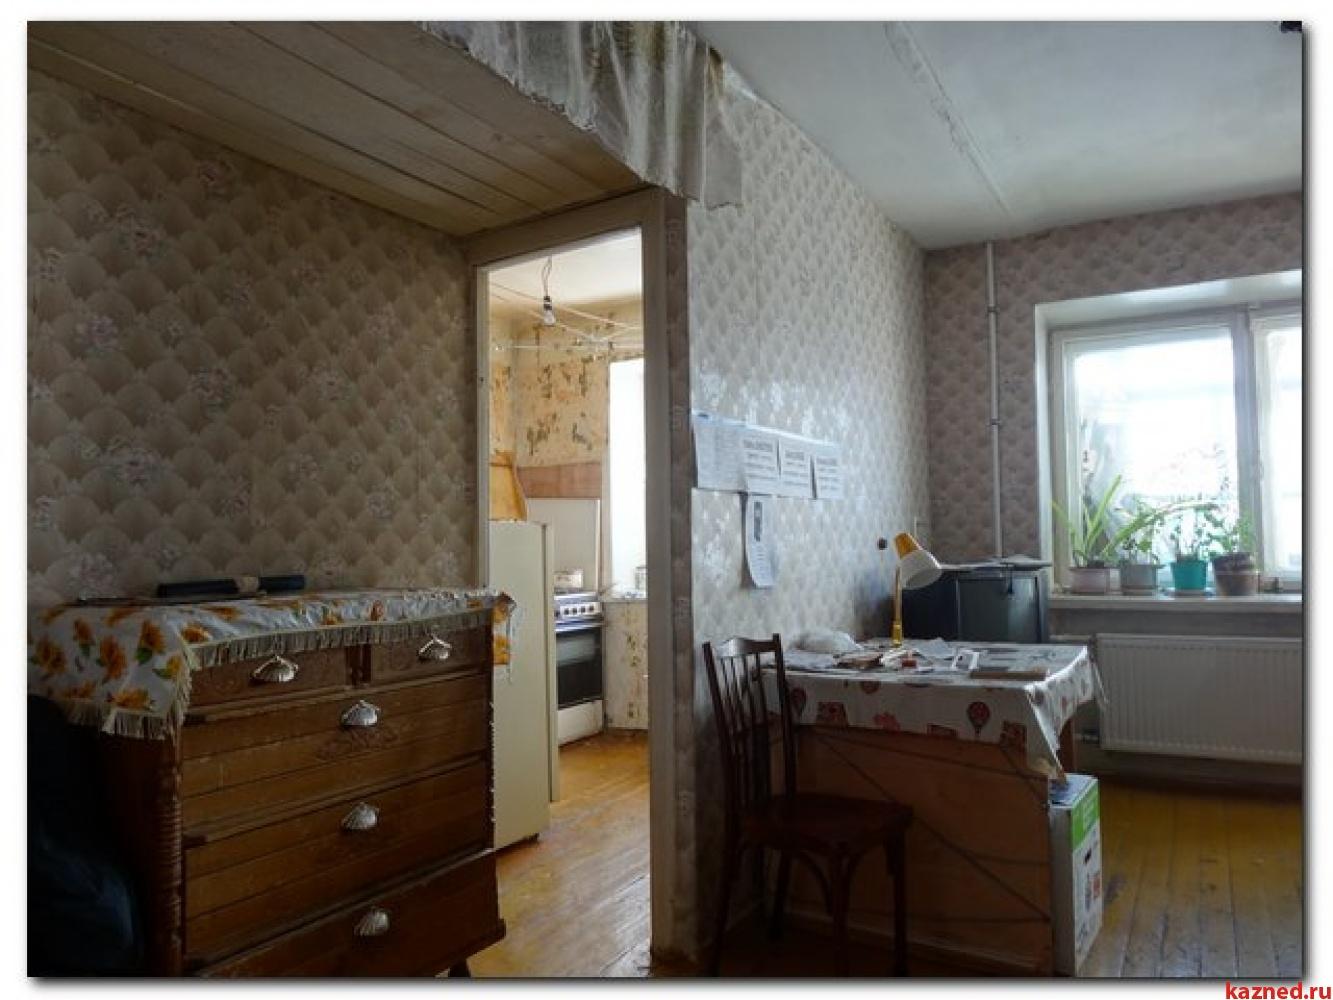 Продажа 2-к квартиры Химиков,39, 46 м² (миниатюра №6)